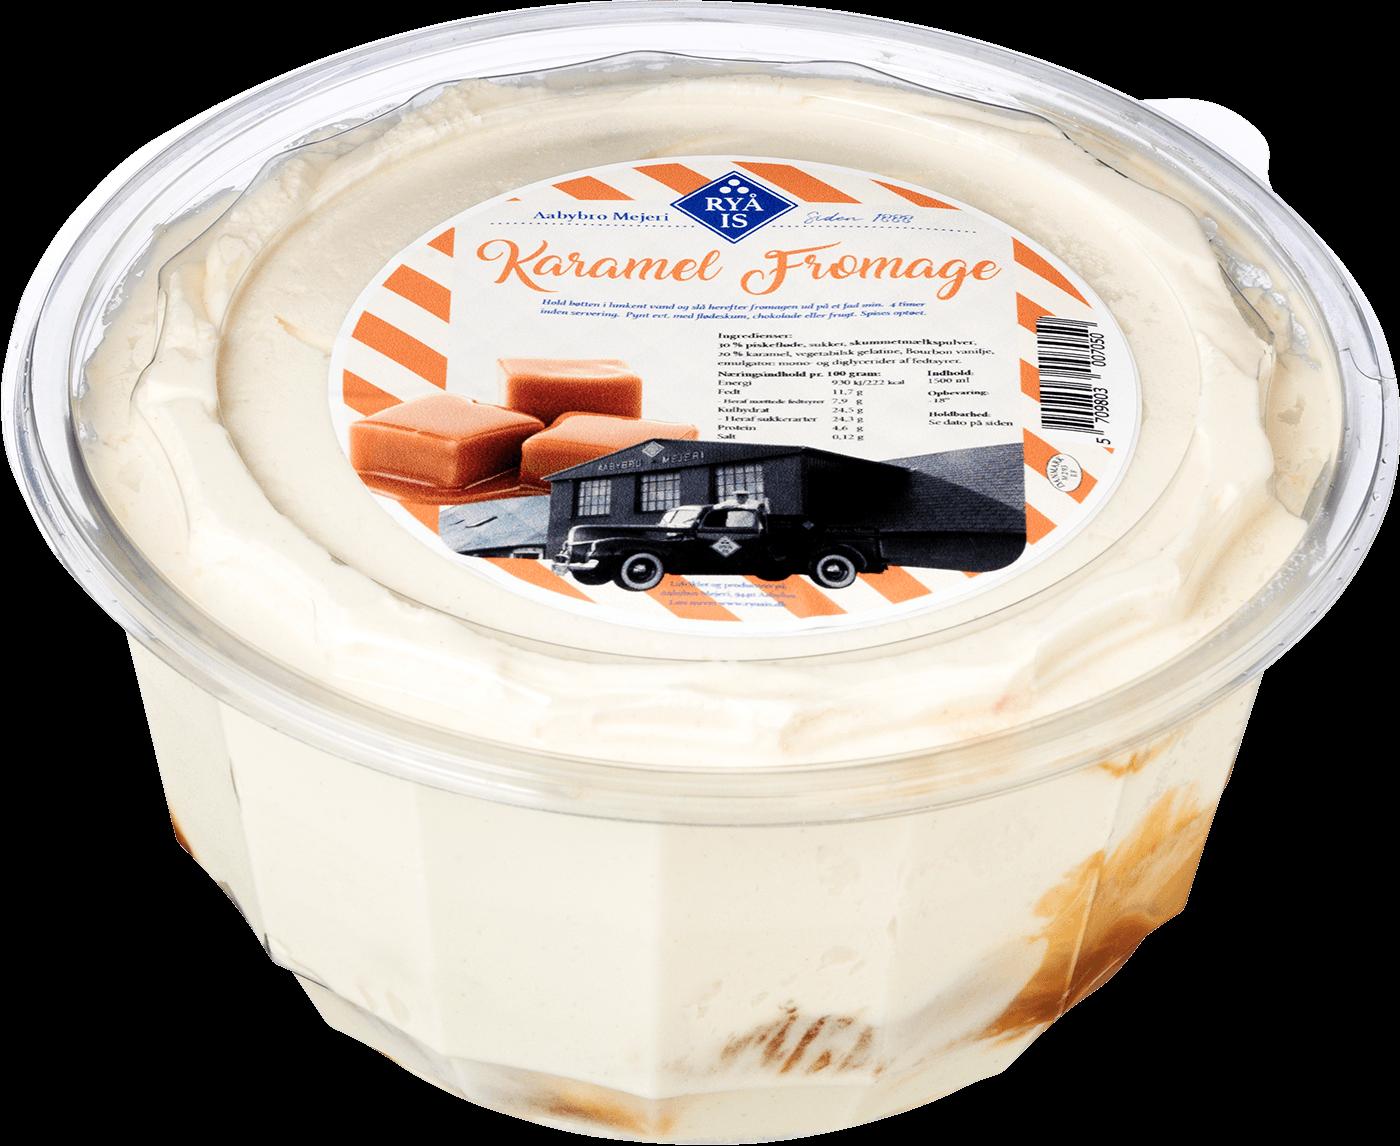 Karamel fromage